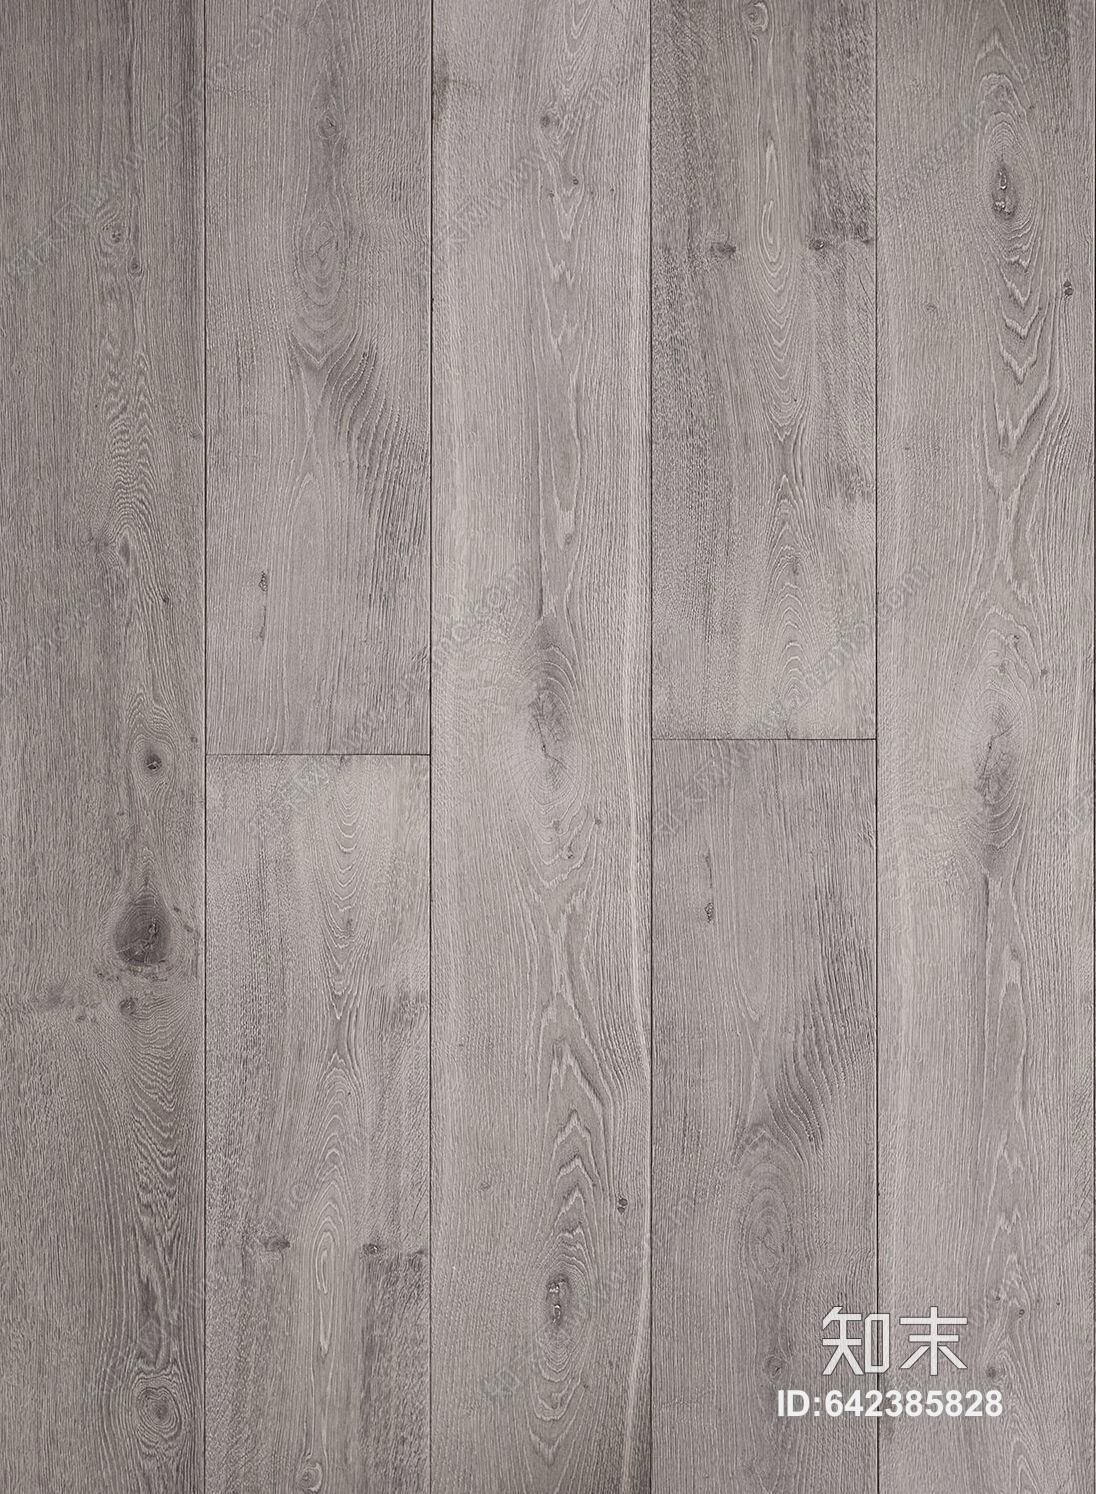 灰色木地板贴图贴图下载【ID:642385828】